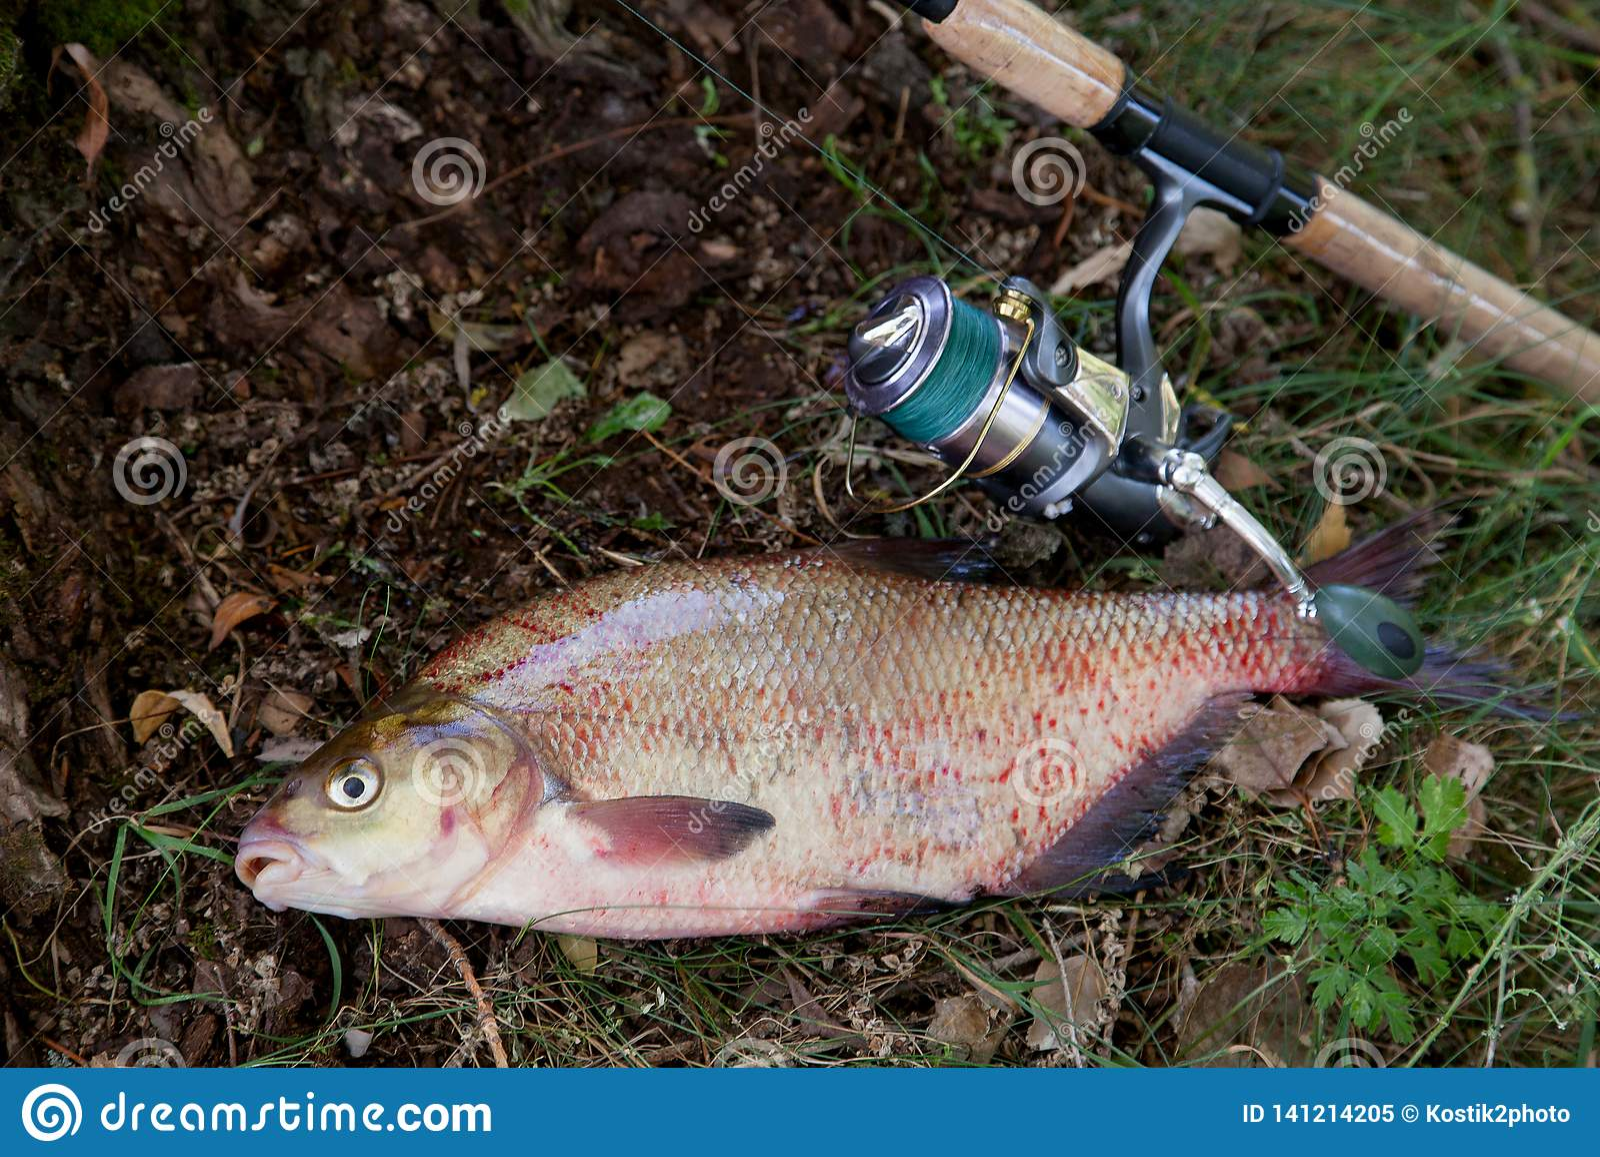 Brema y caña de pescar comunes de agua dulce grandes con el carrete en fondo natural